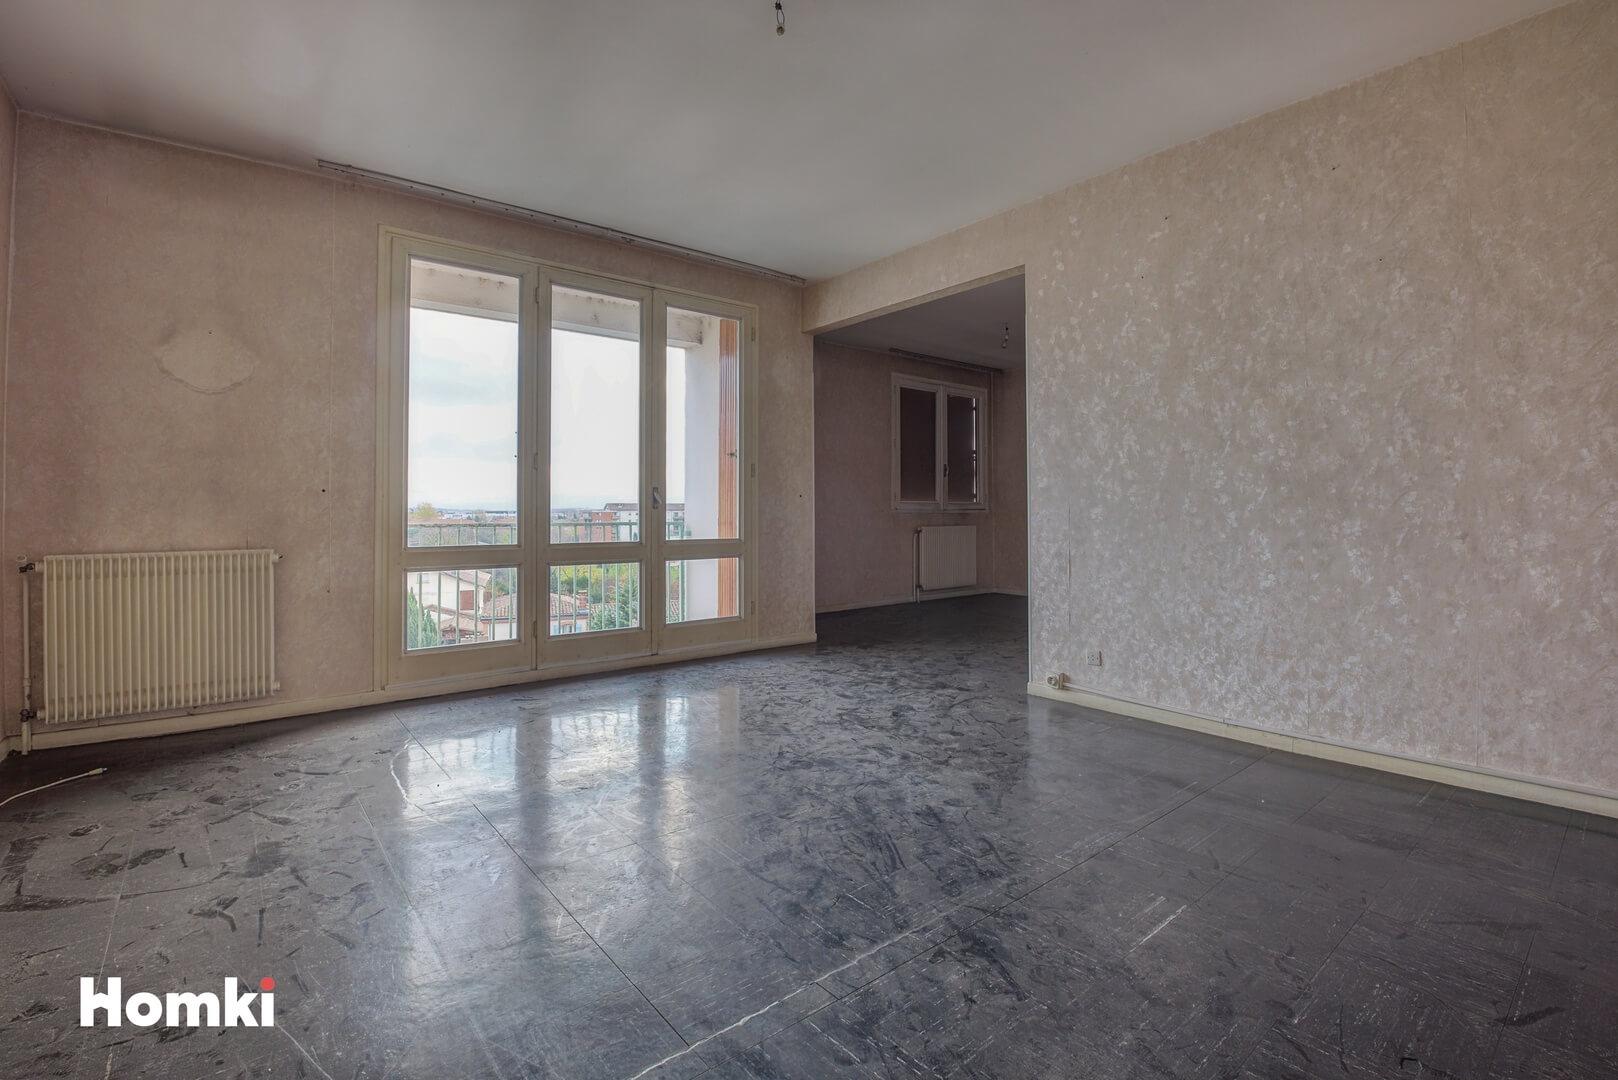 Homki - Vente Appartement  de 98.0 m² à Toulouse 31200